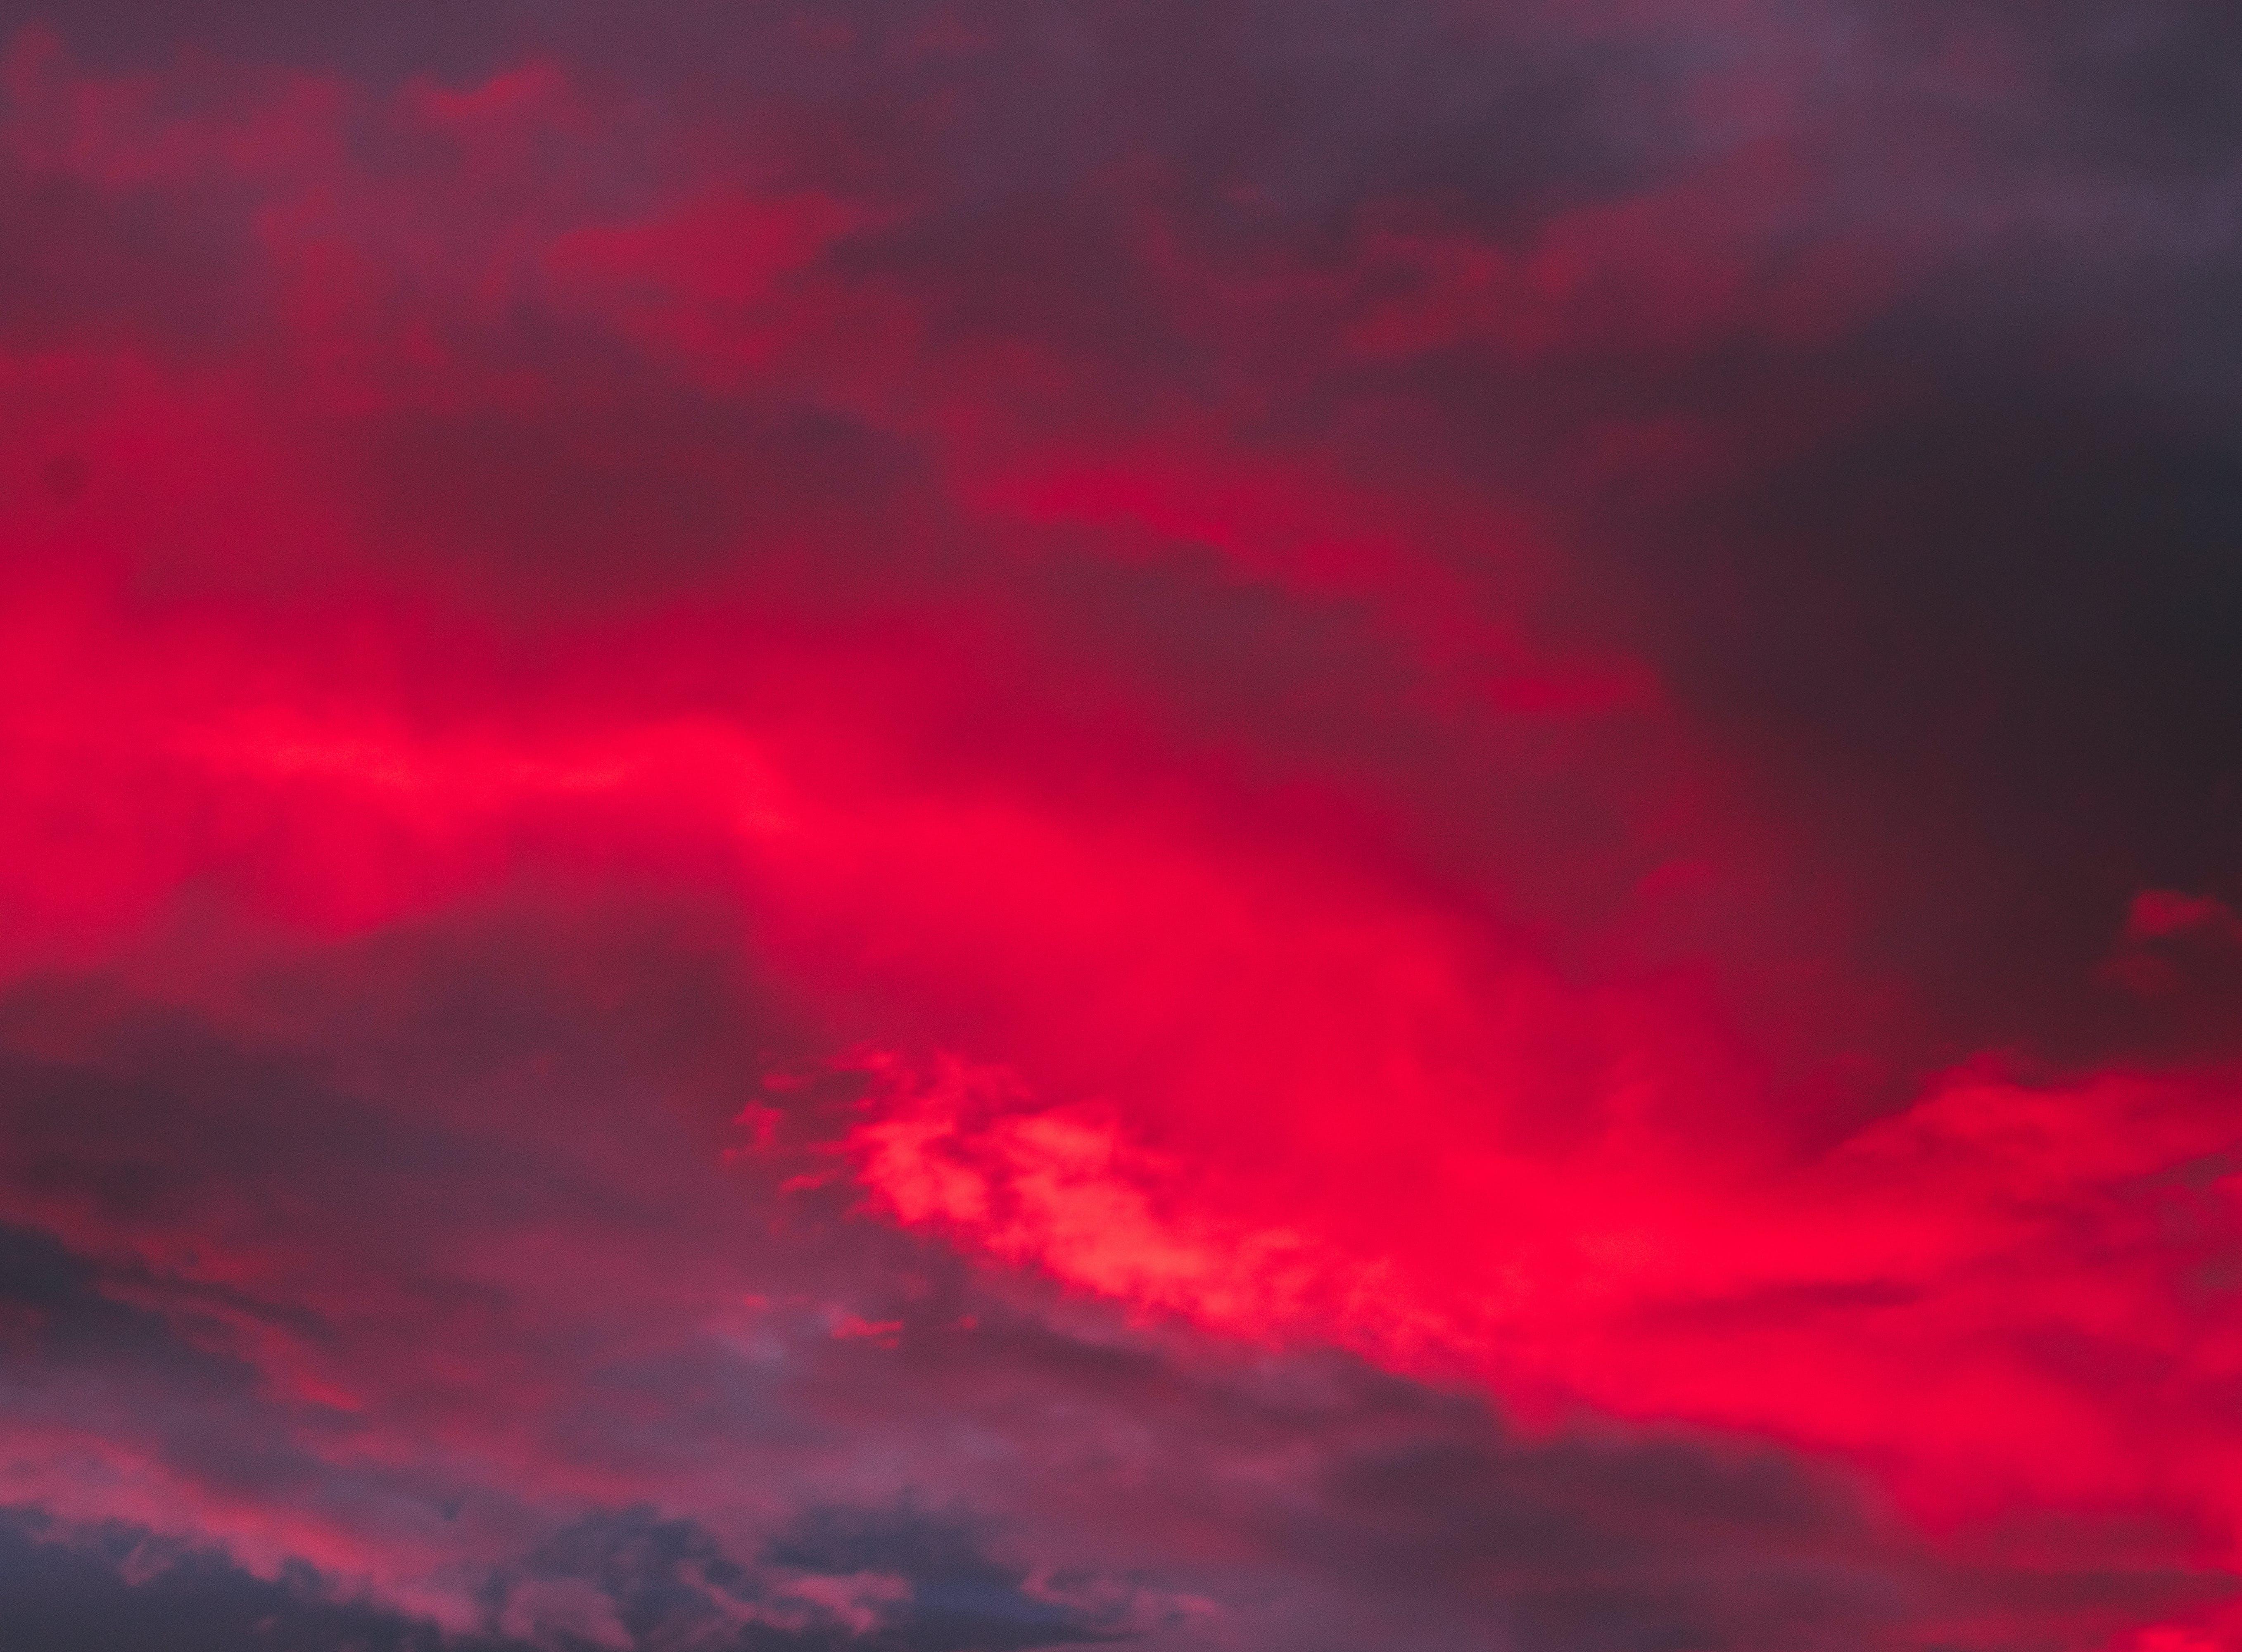 구름, 구름 경치, 드라마틱한, 빨간의 무료 스톡 사진